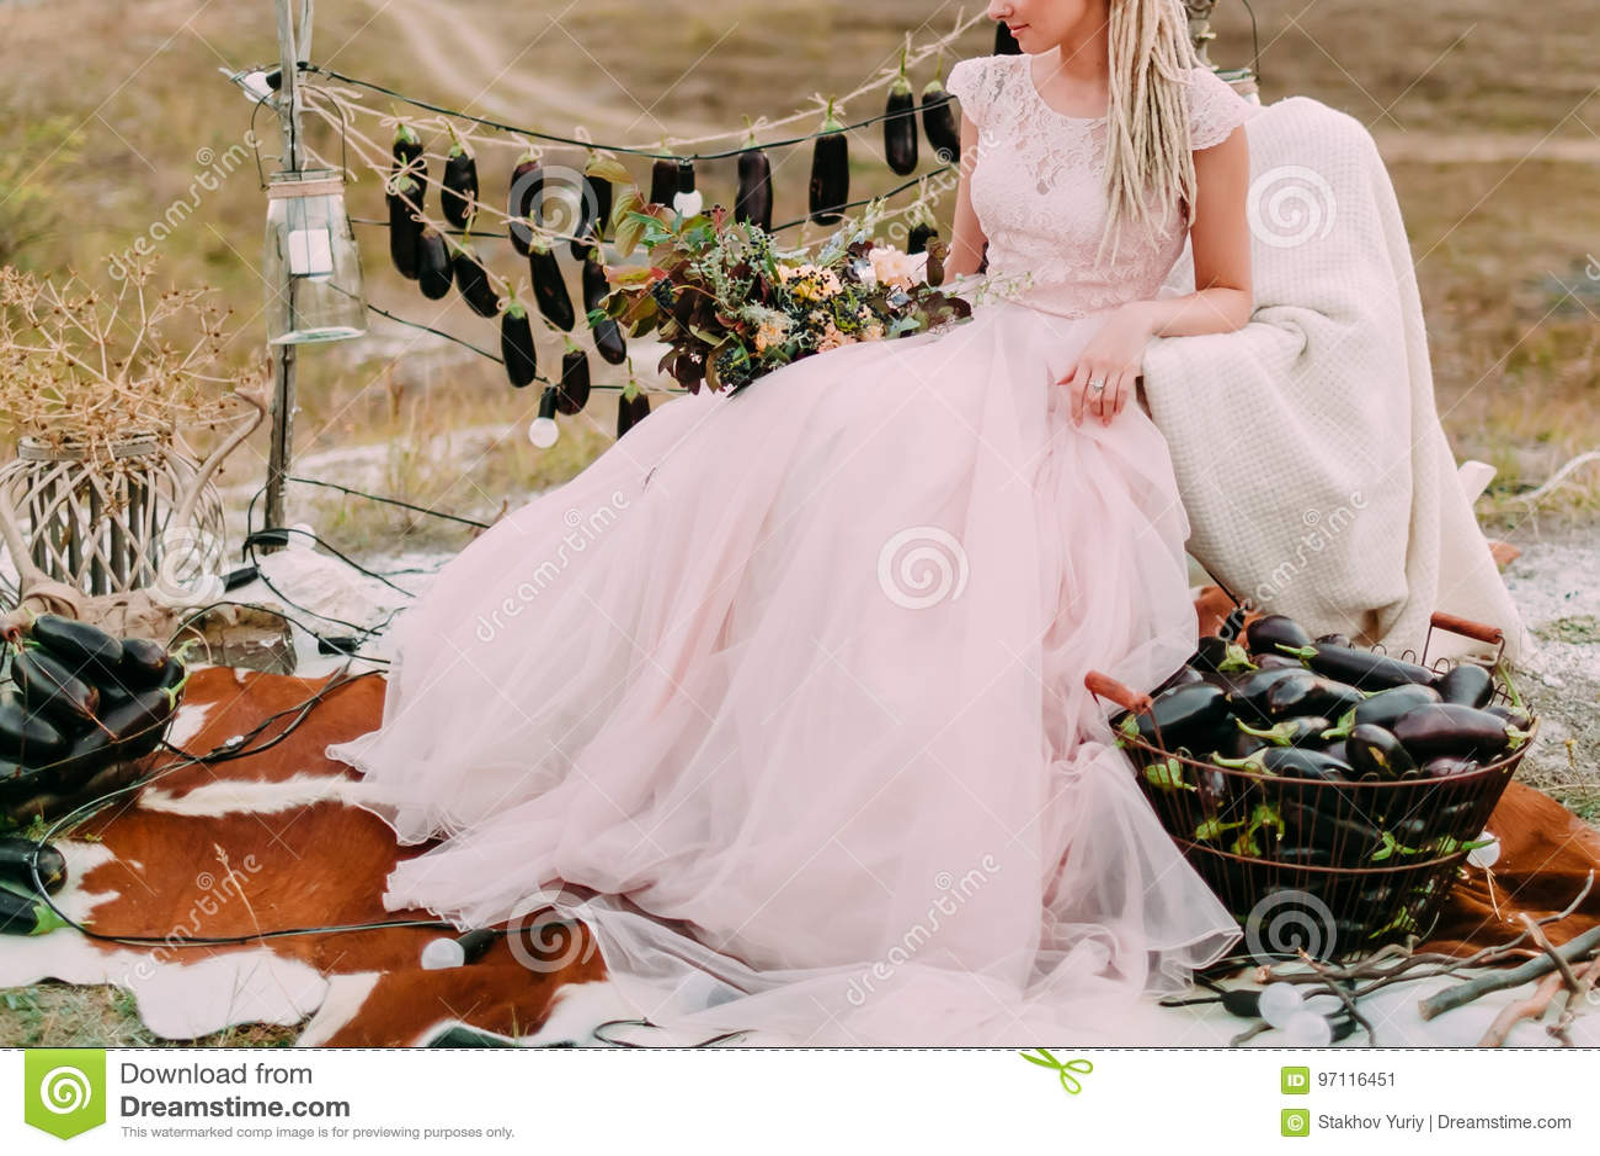 Rustikale Hochzeit Im Wald Braut Sitzt Im Rosa Brautkleid Nahe